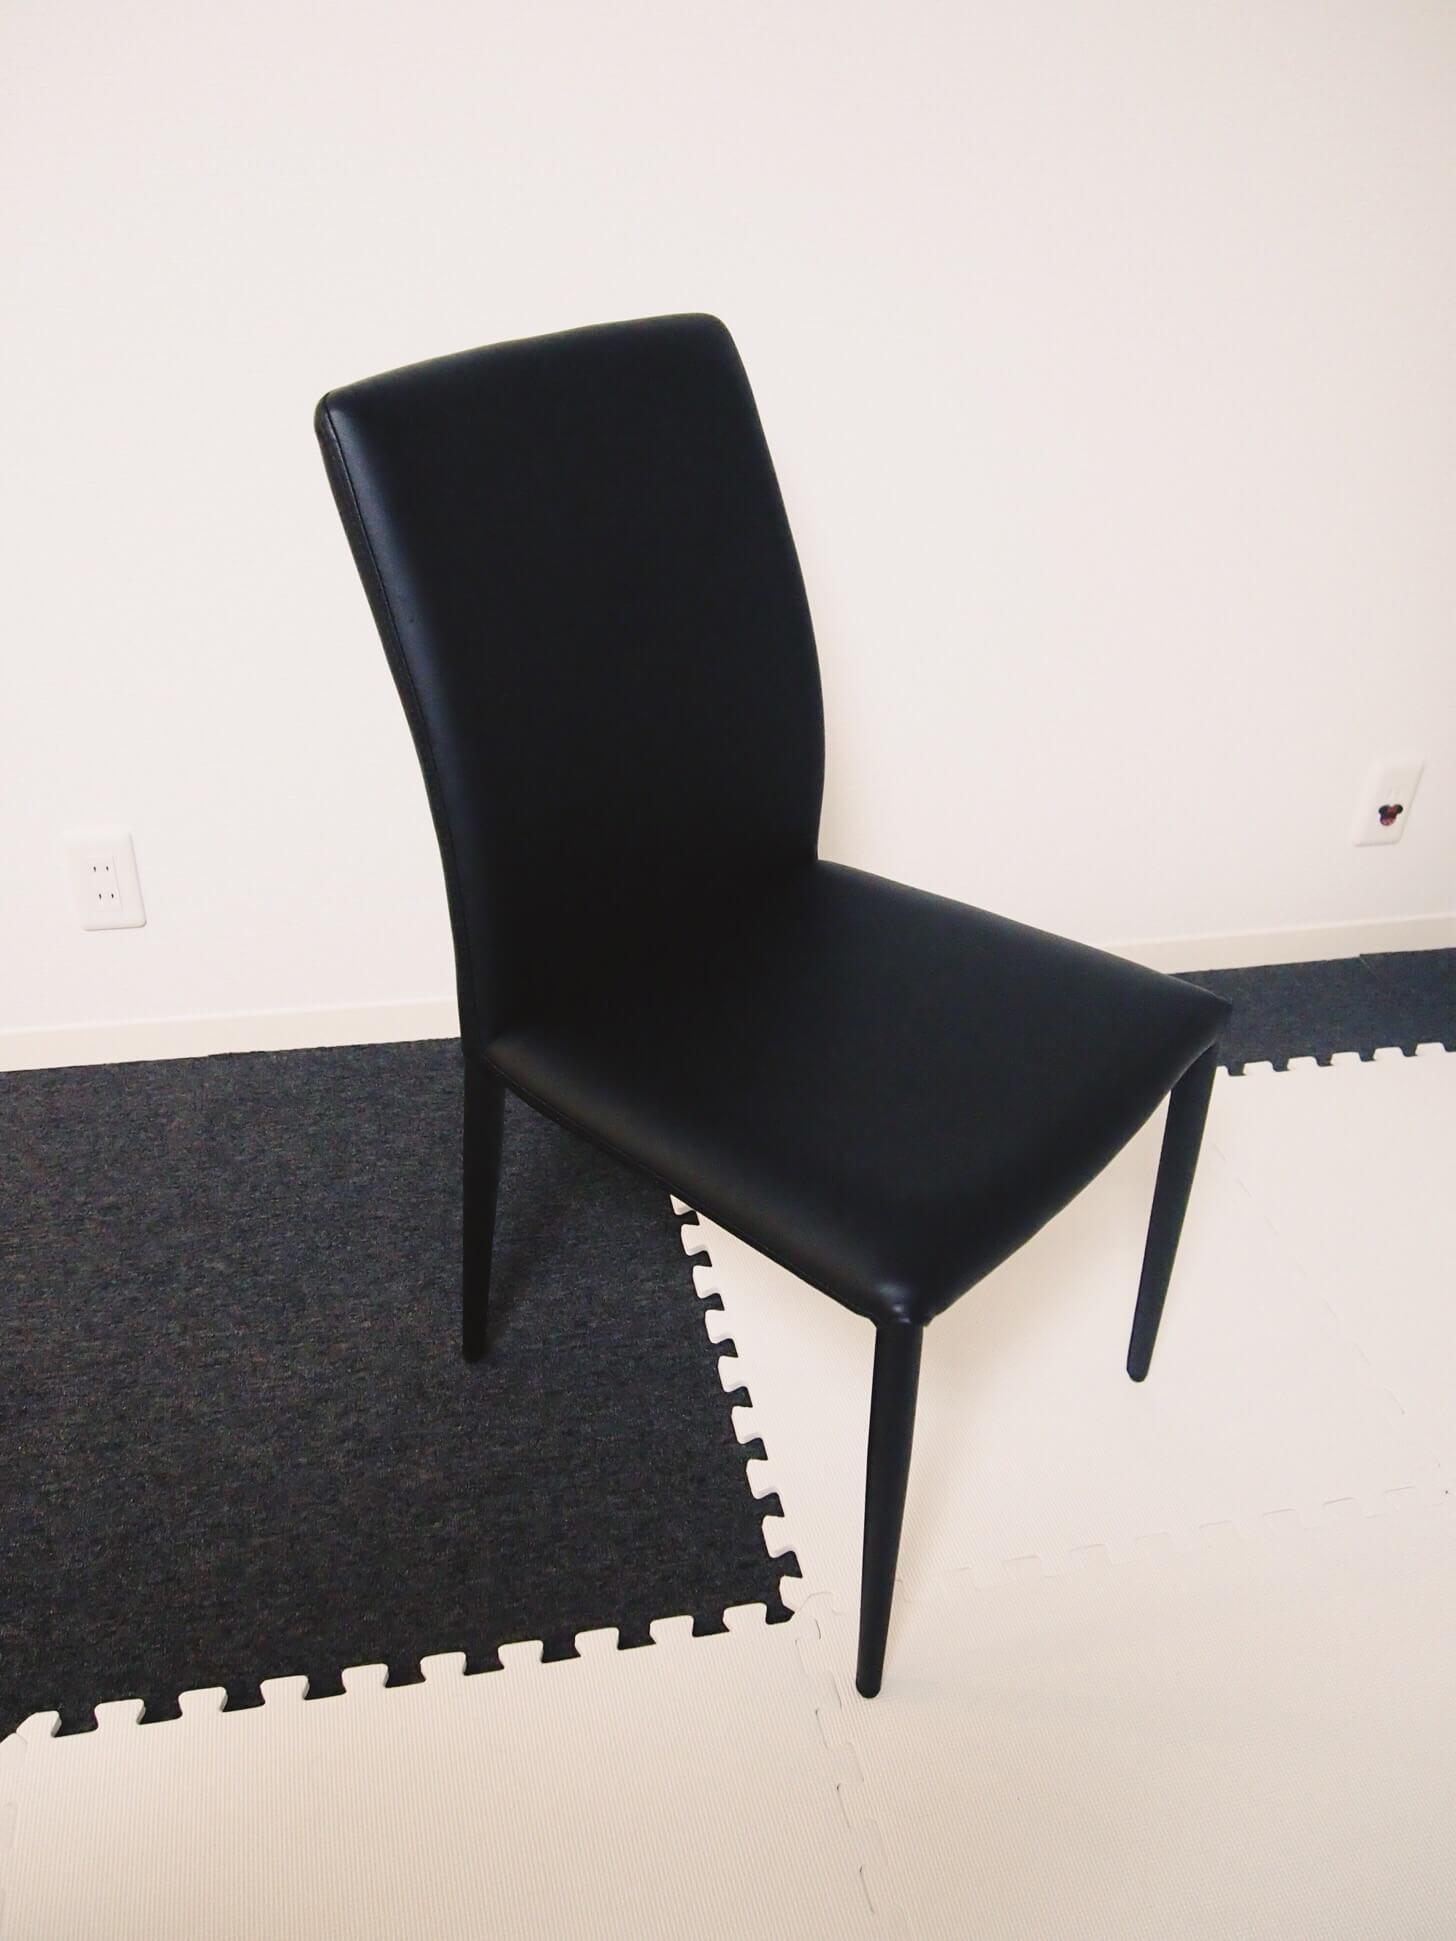 モーダエンカーサの椅子-1